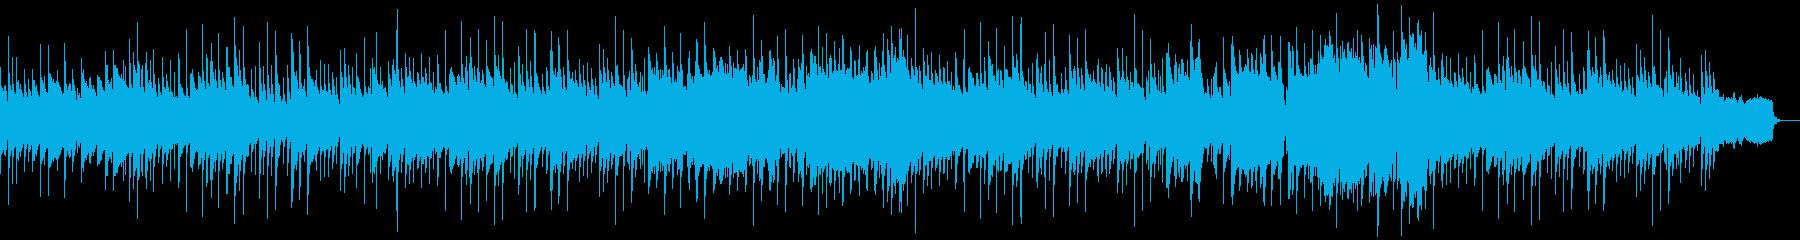 しみじみしたスローバラードの再生済みの波形